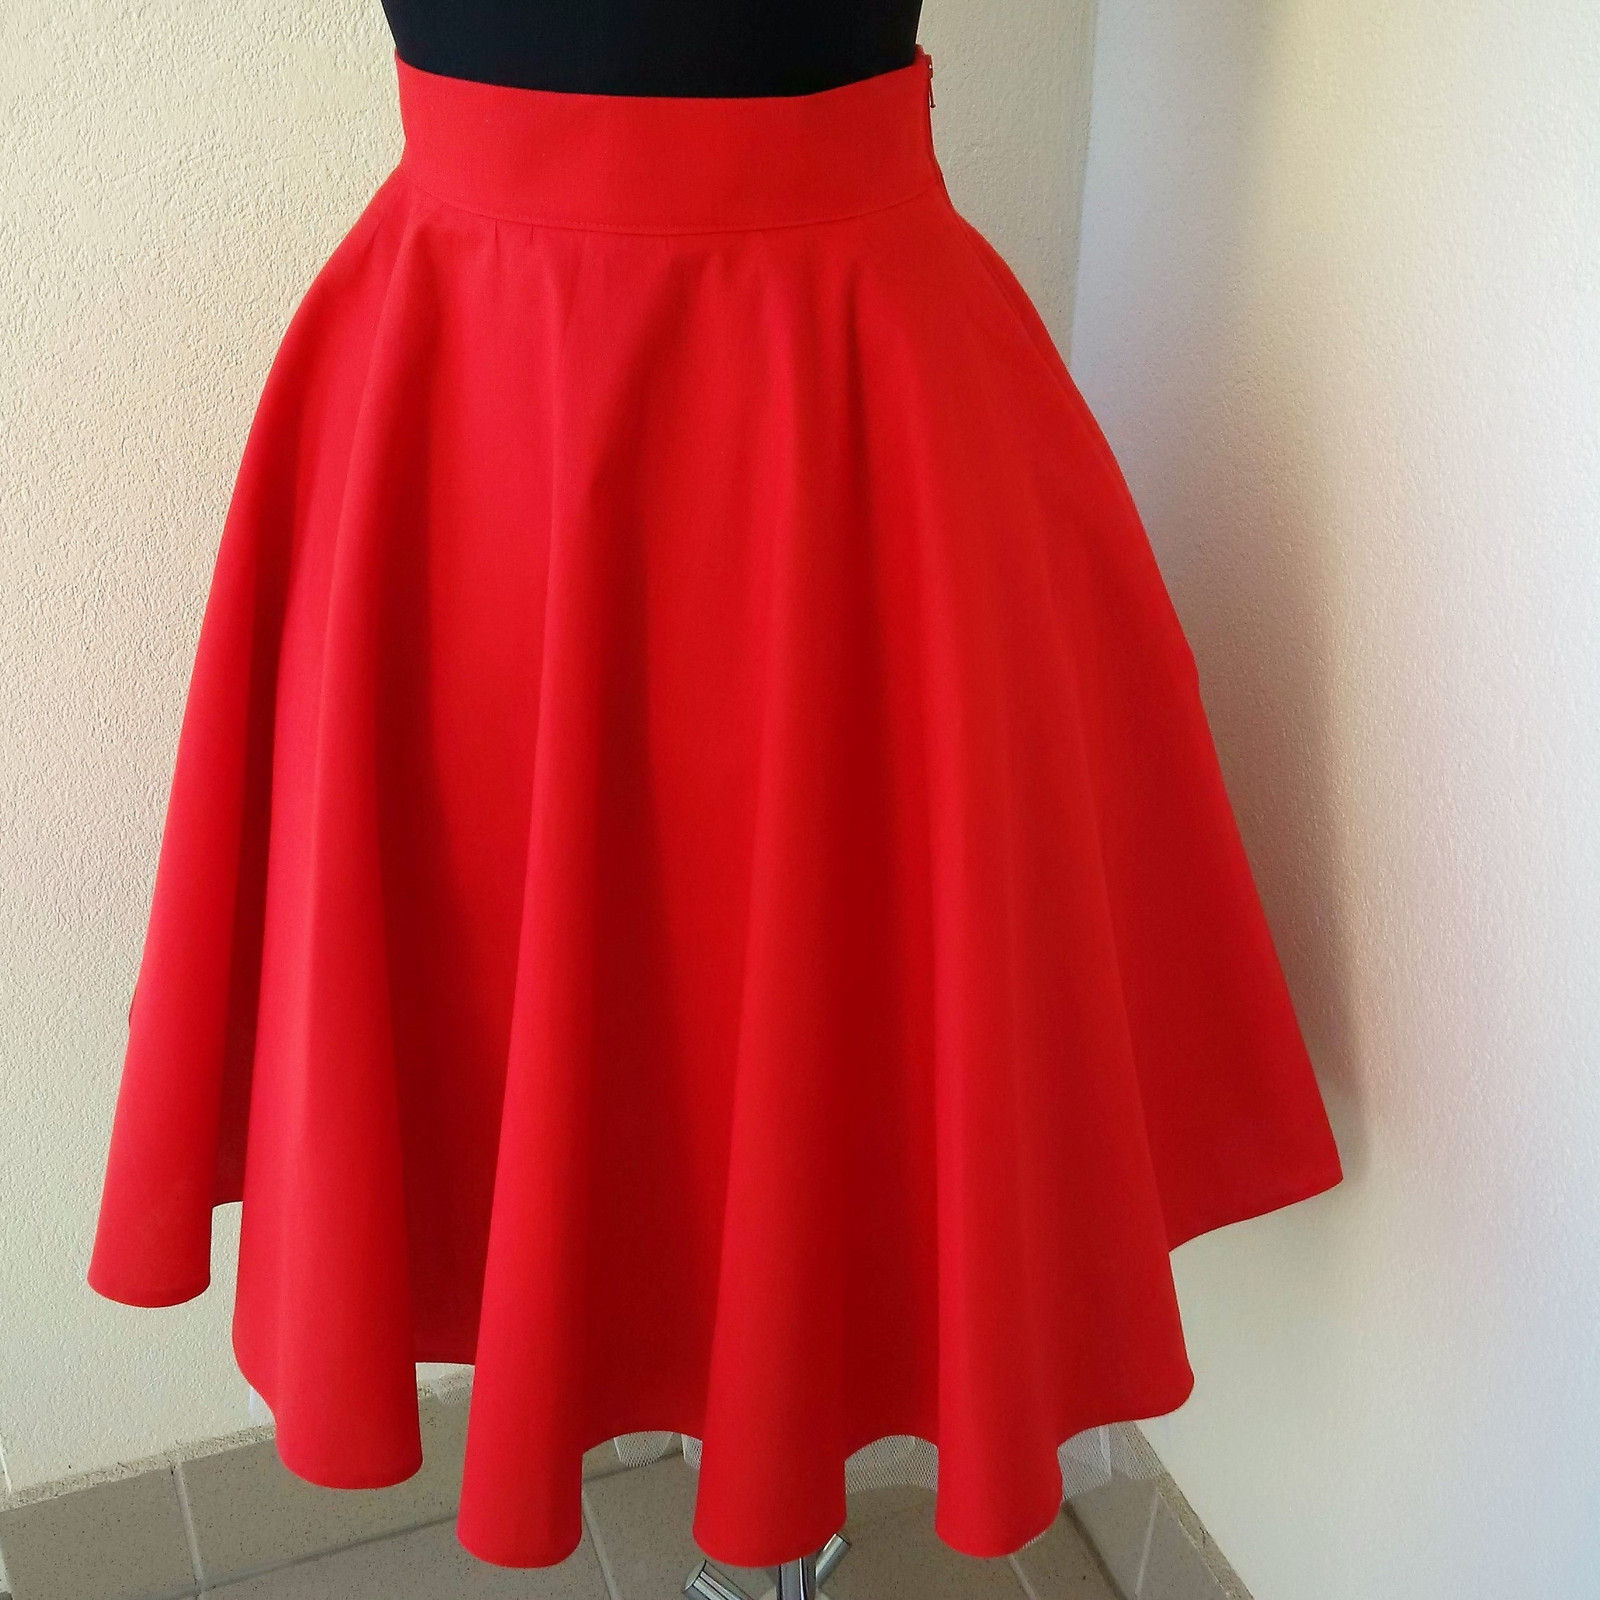 Červená kolová sukně   Zboží prodejce Krejčovství KK  706ca28e37